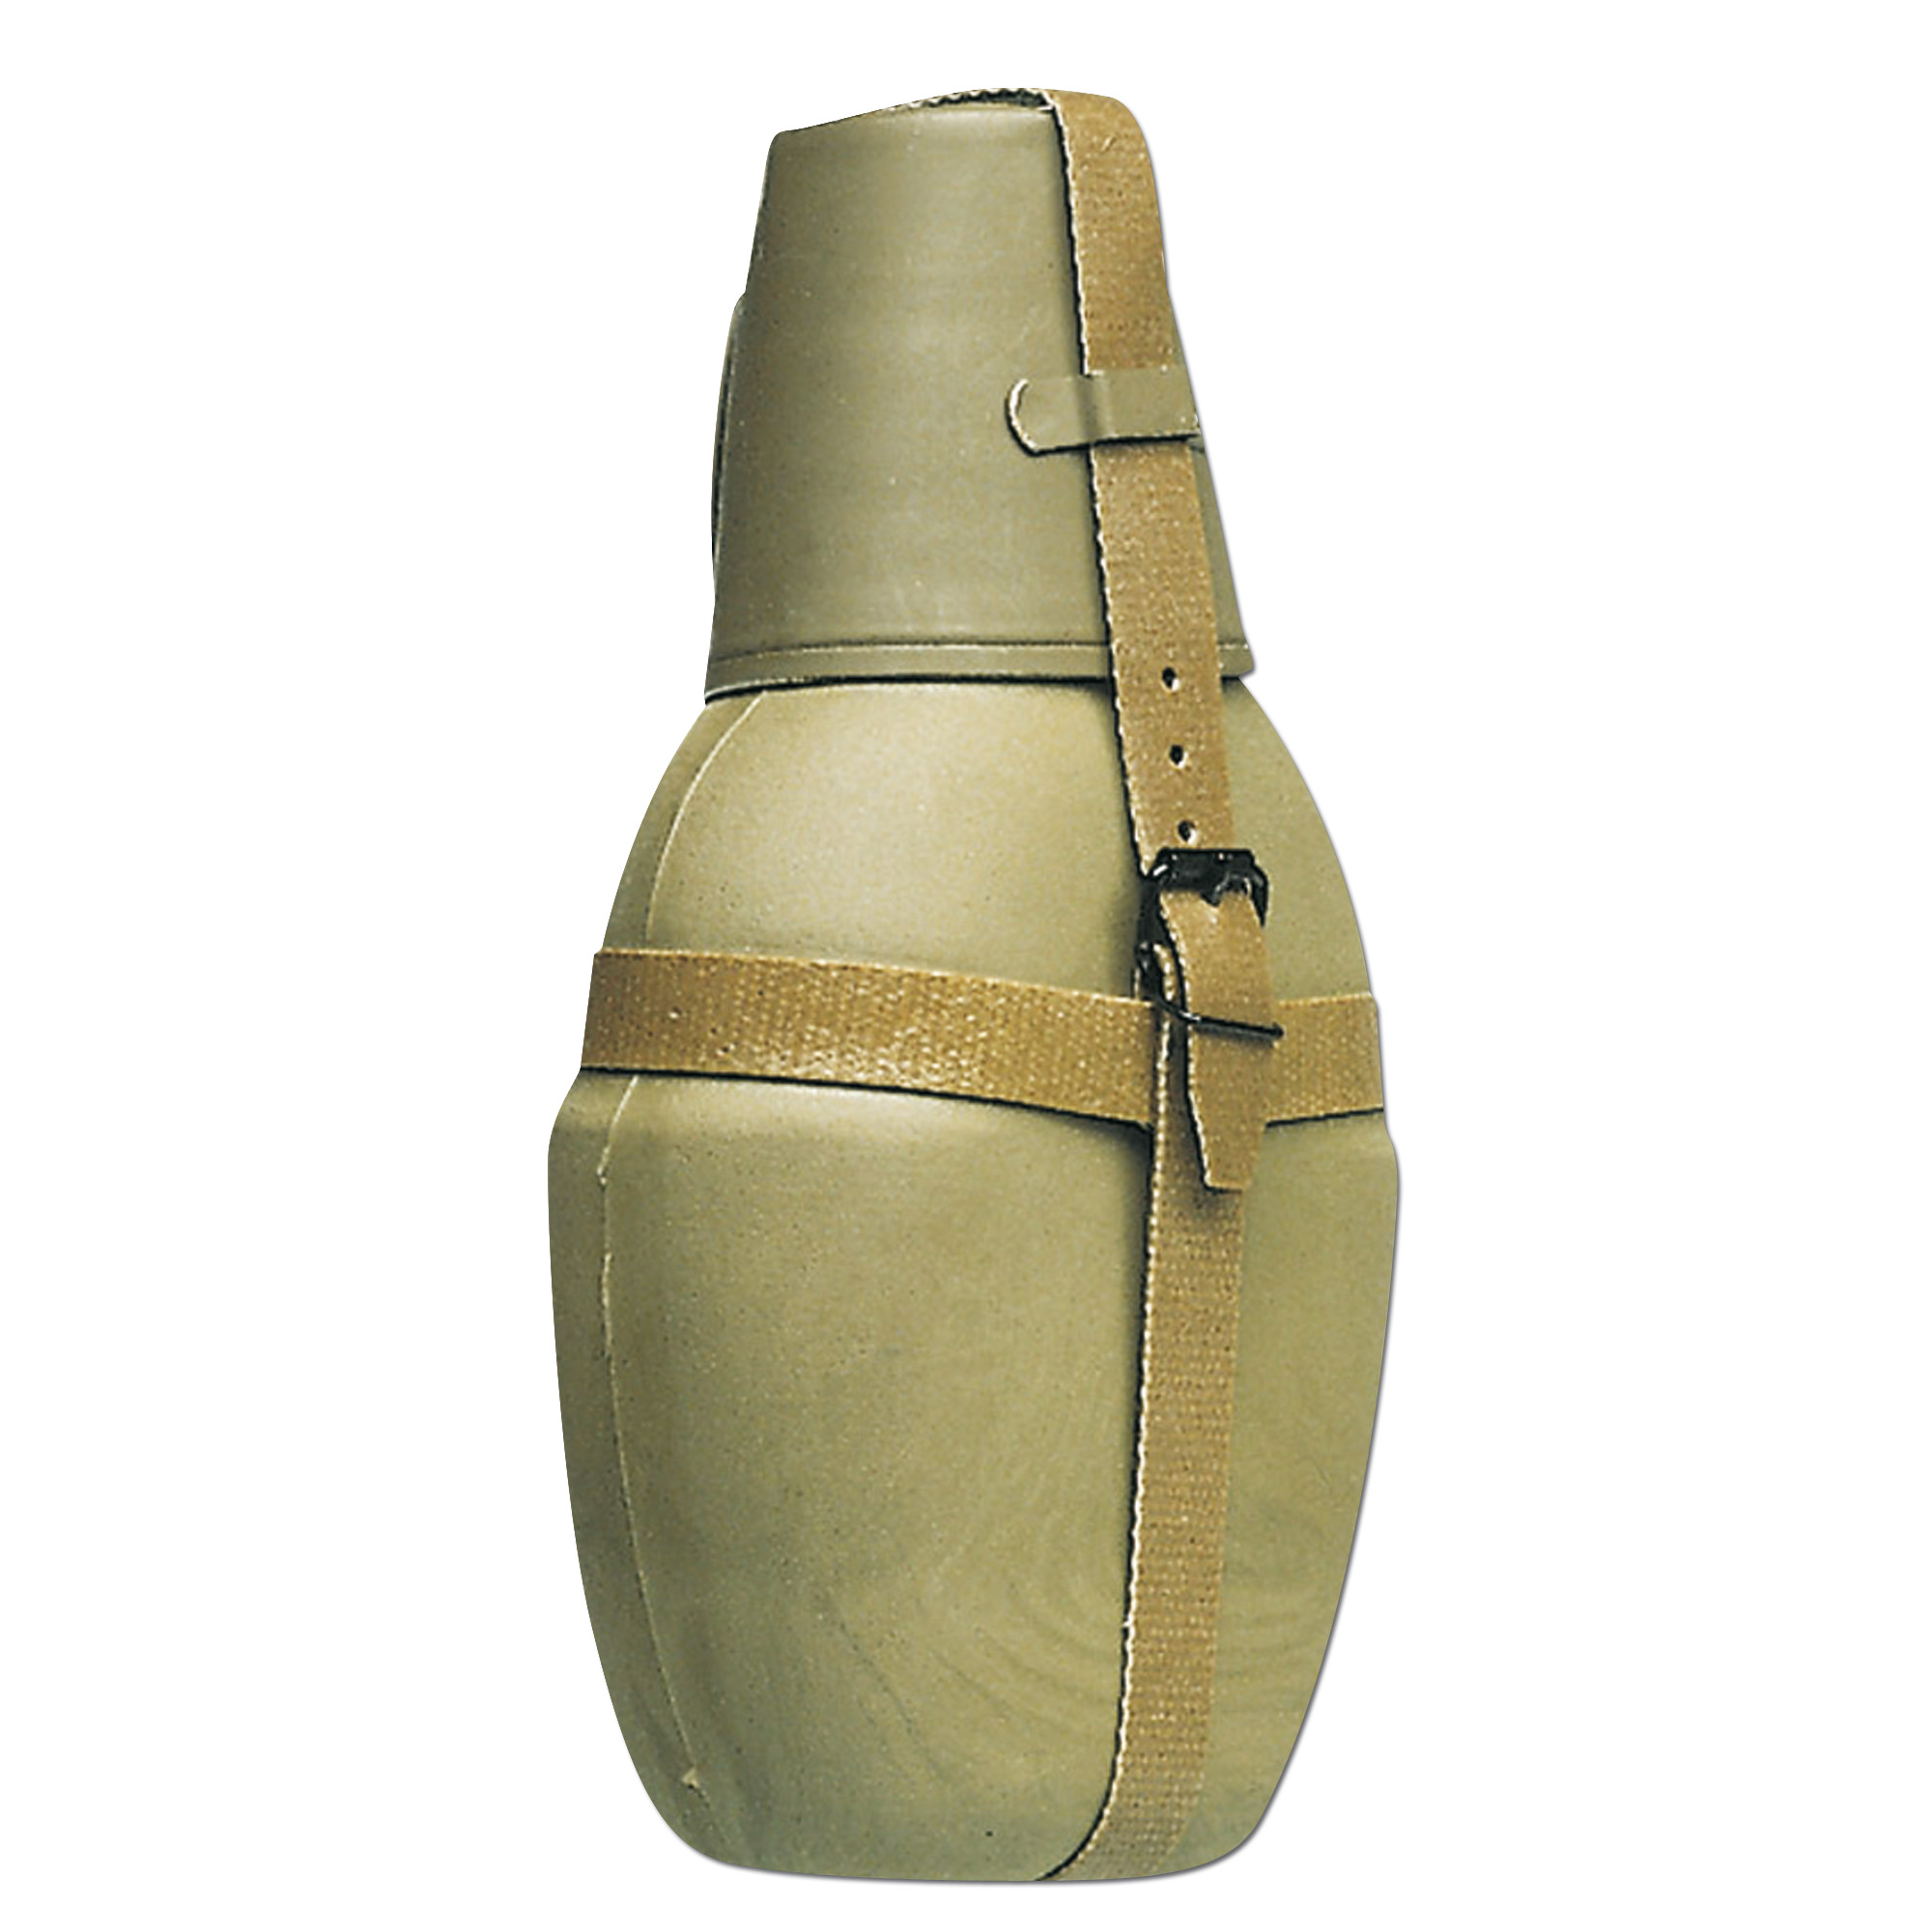 NVA Feldflasche mit Neoprenhülle gebraucht/neuwertig